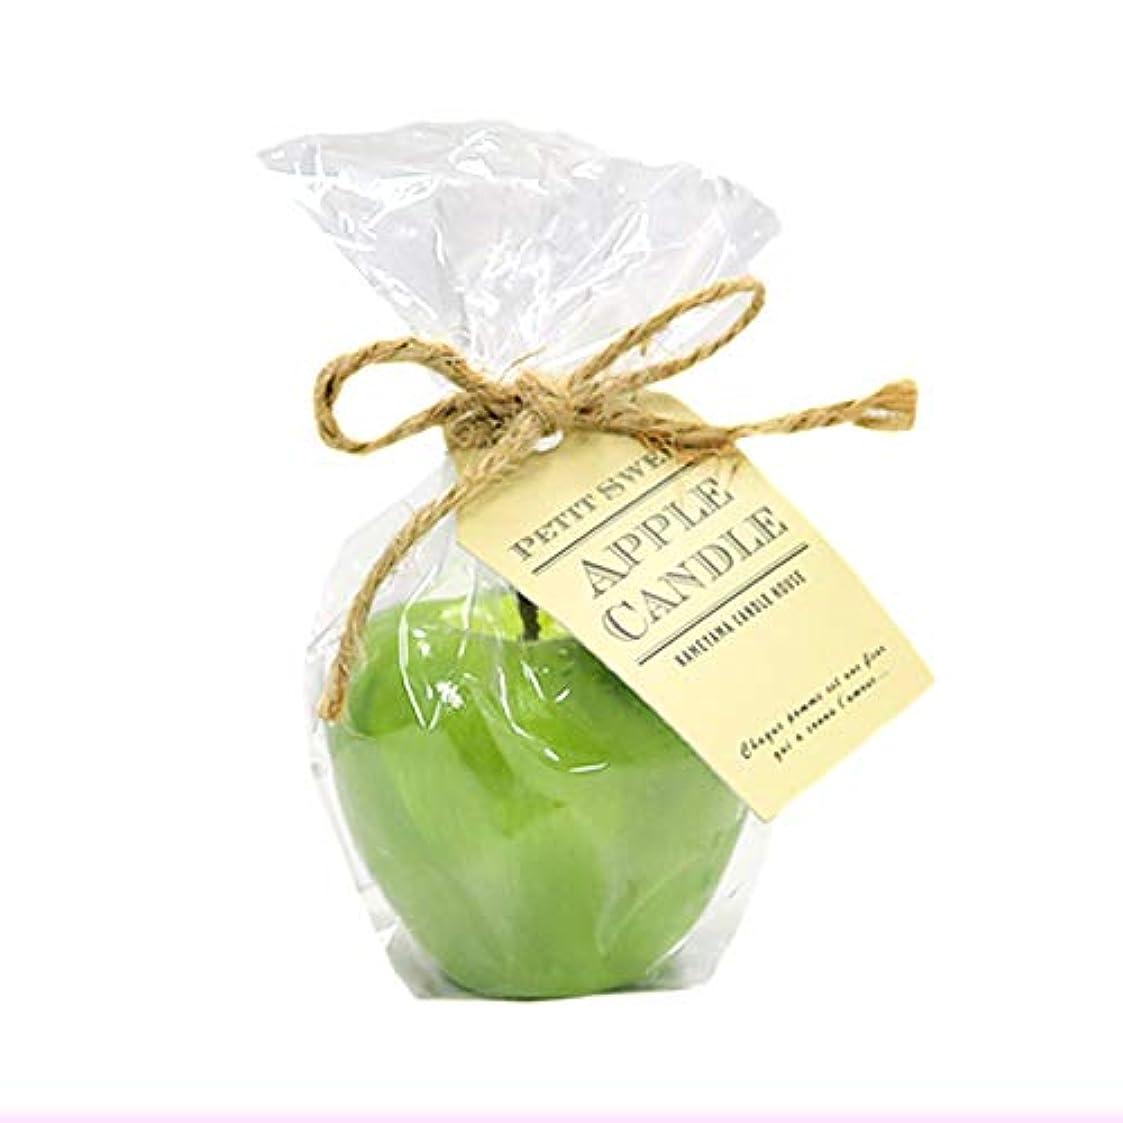 カメヤマキャンドルハウス プチスイートアップルフローティングキャンドル グリーン アップルの香りつき